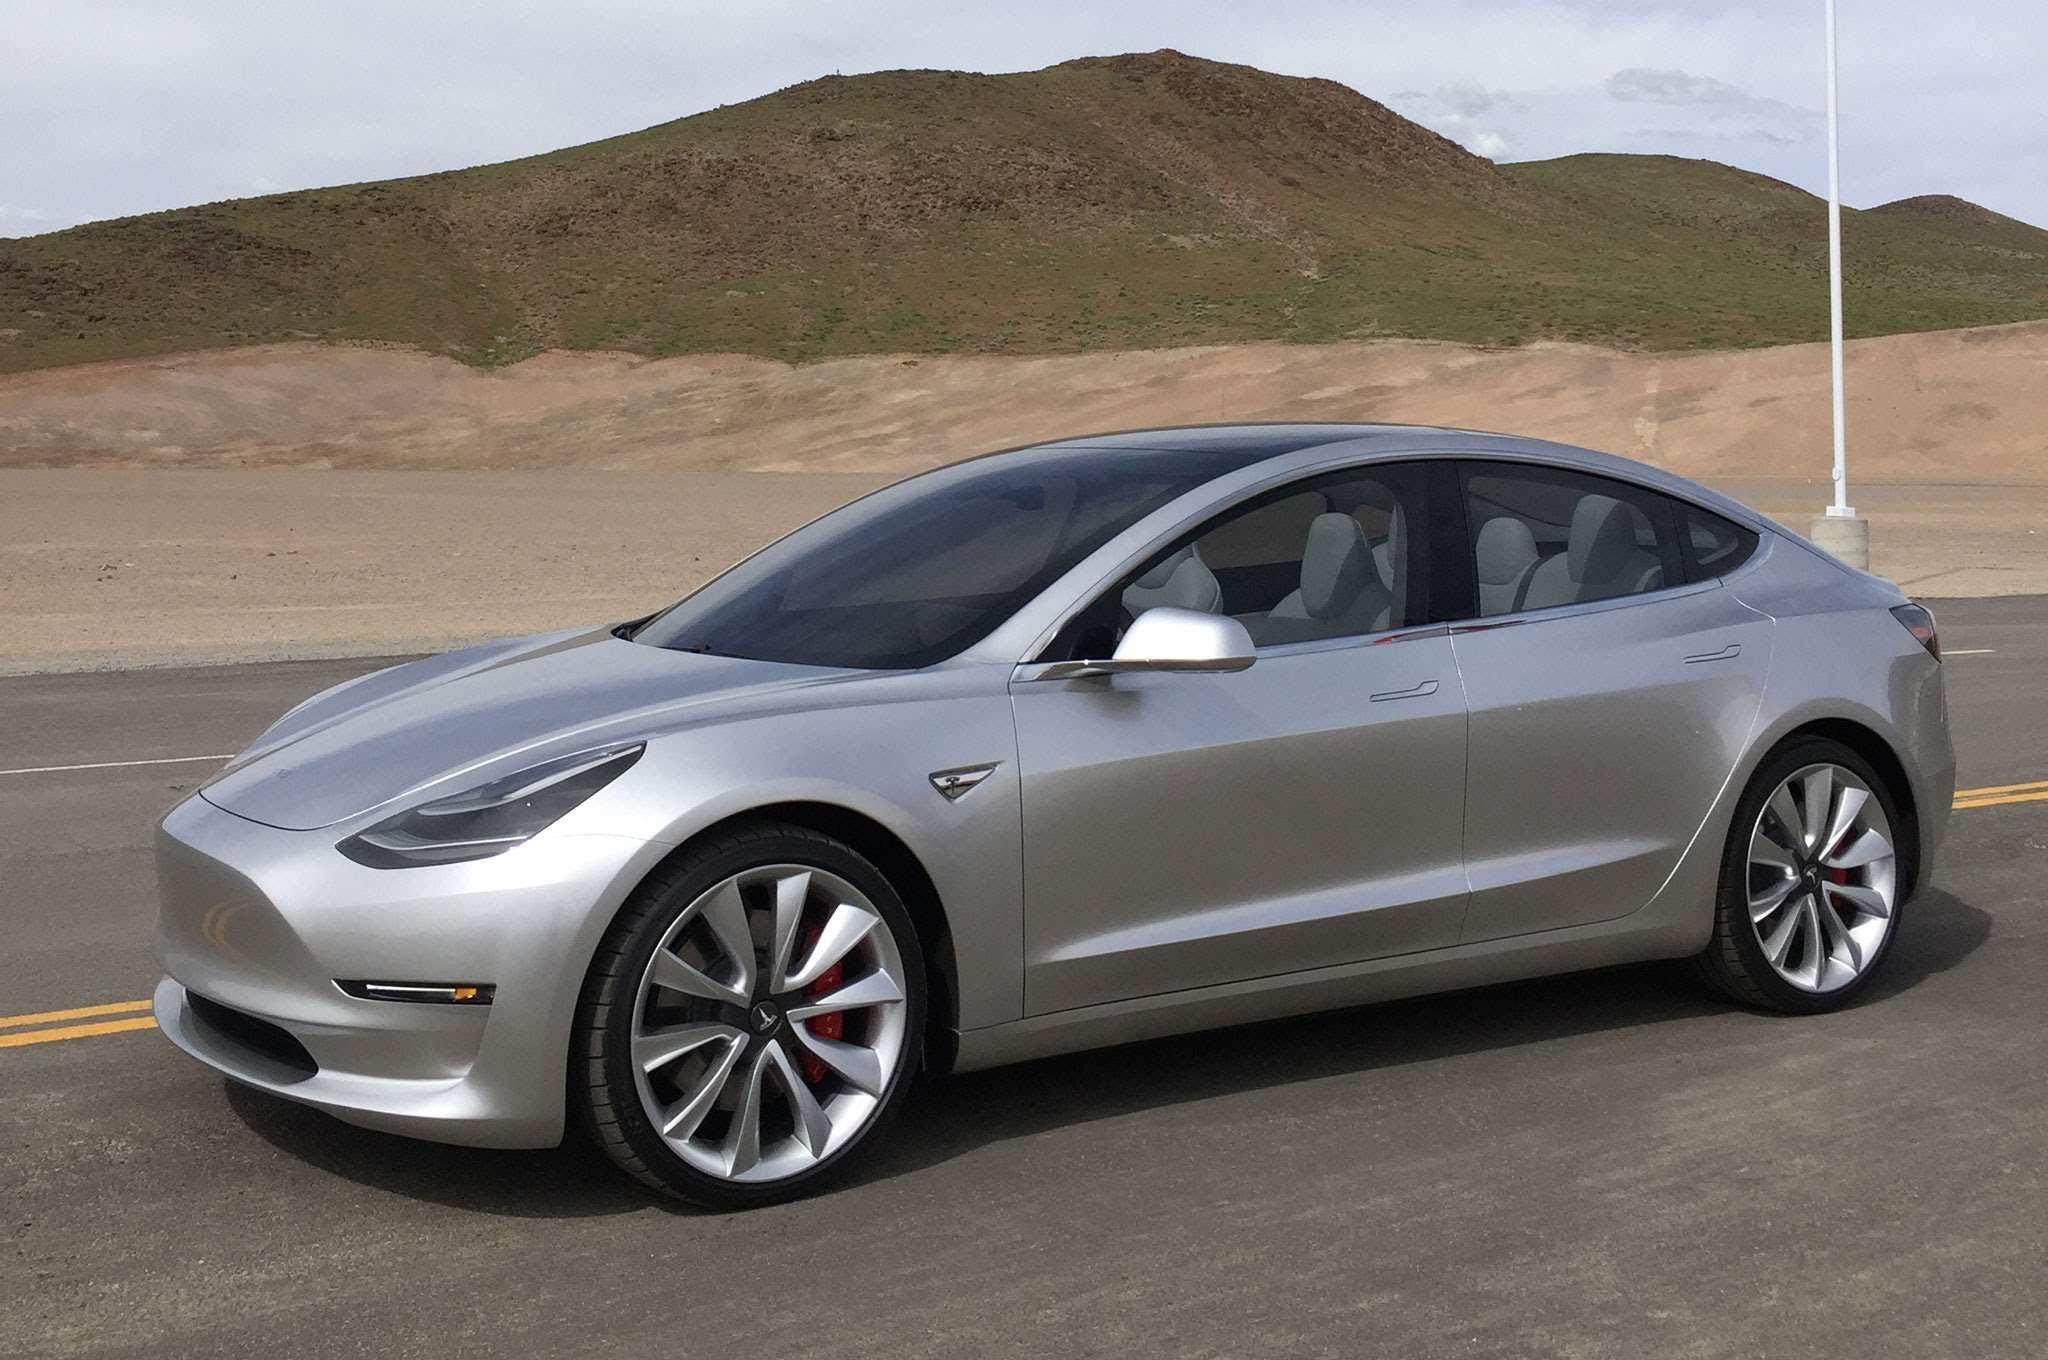 34 The 2020 Tesla Model 3 Picture for 2020 Tesla Model 3